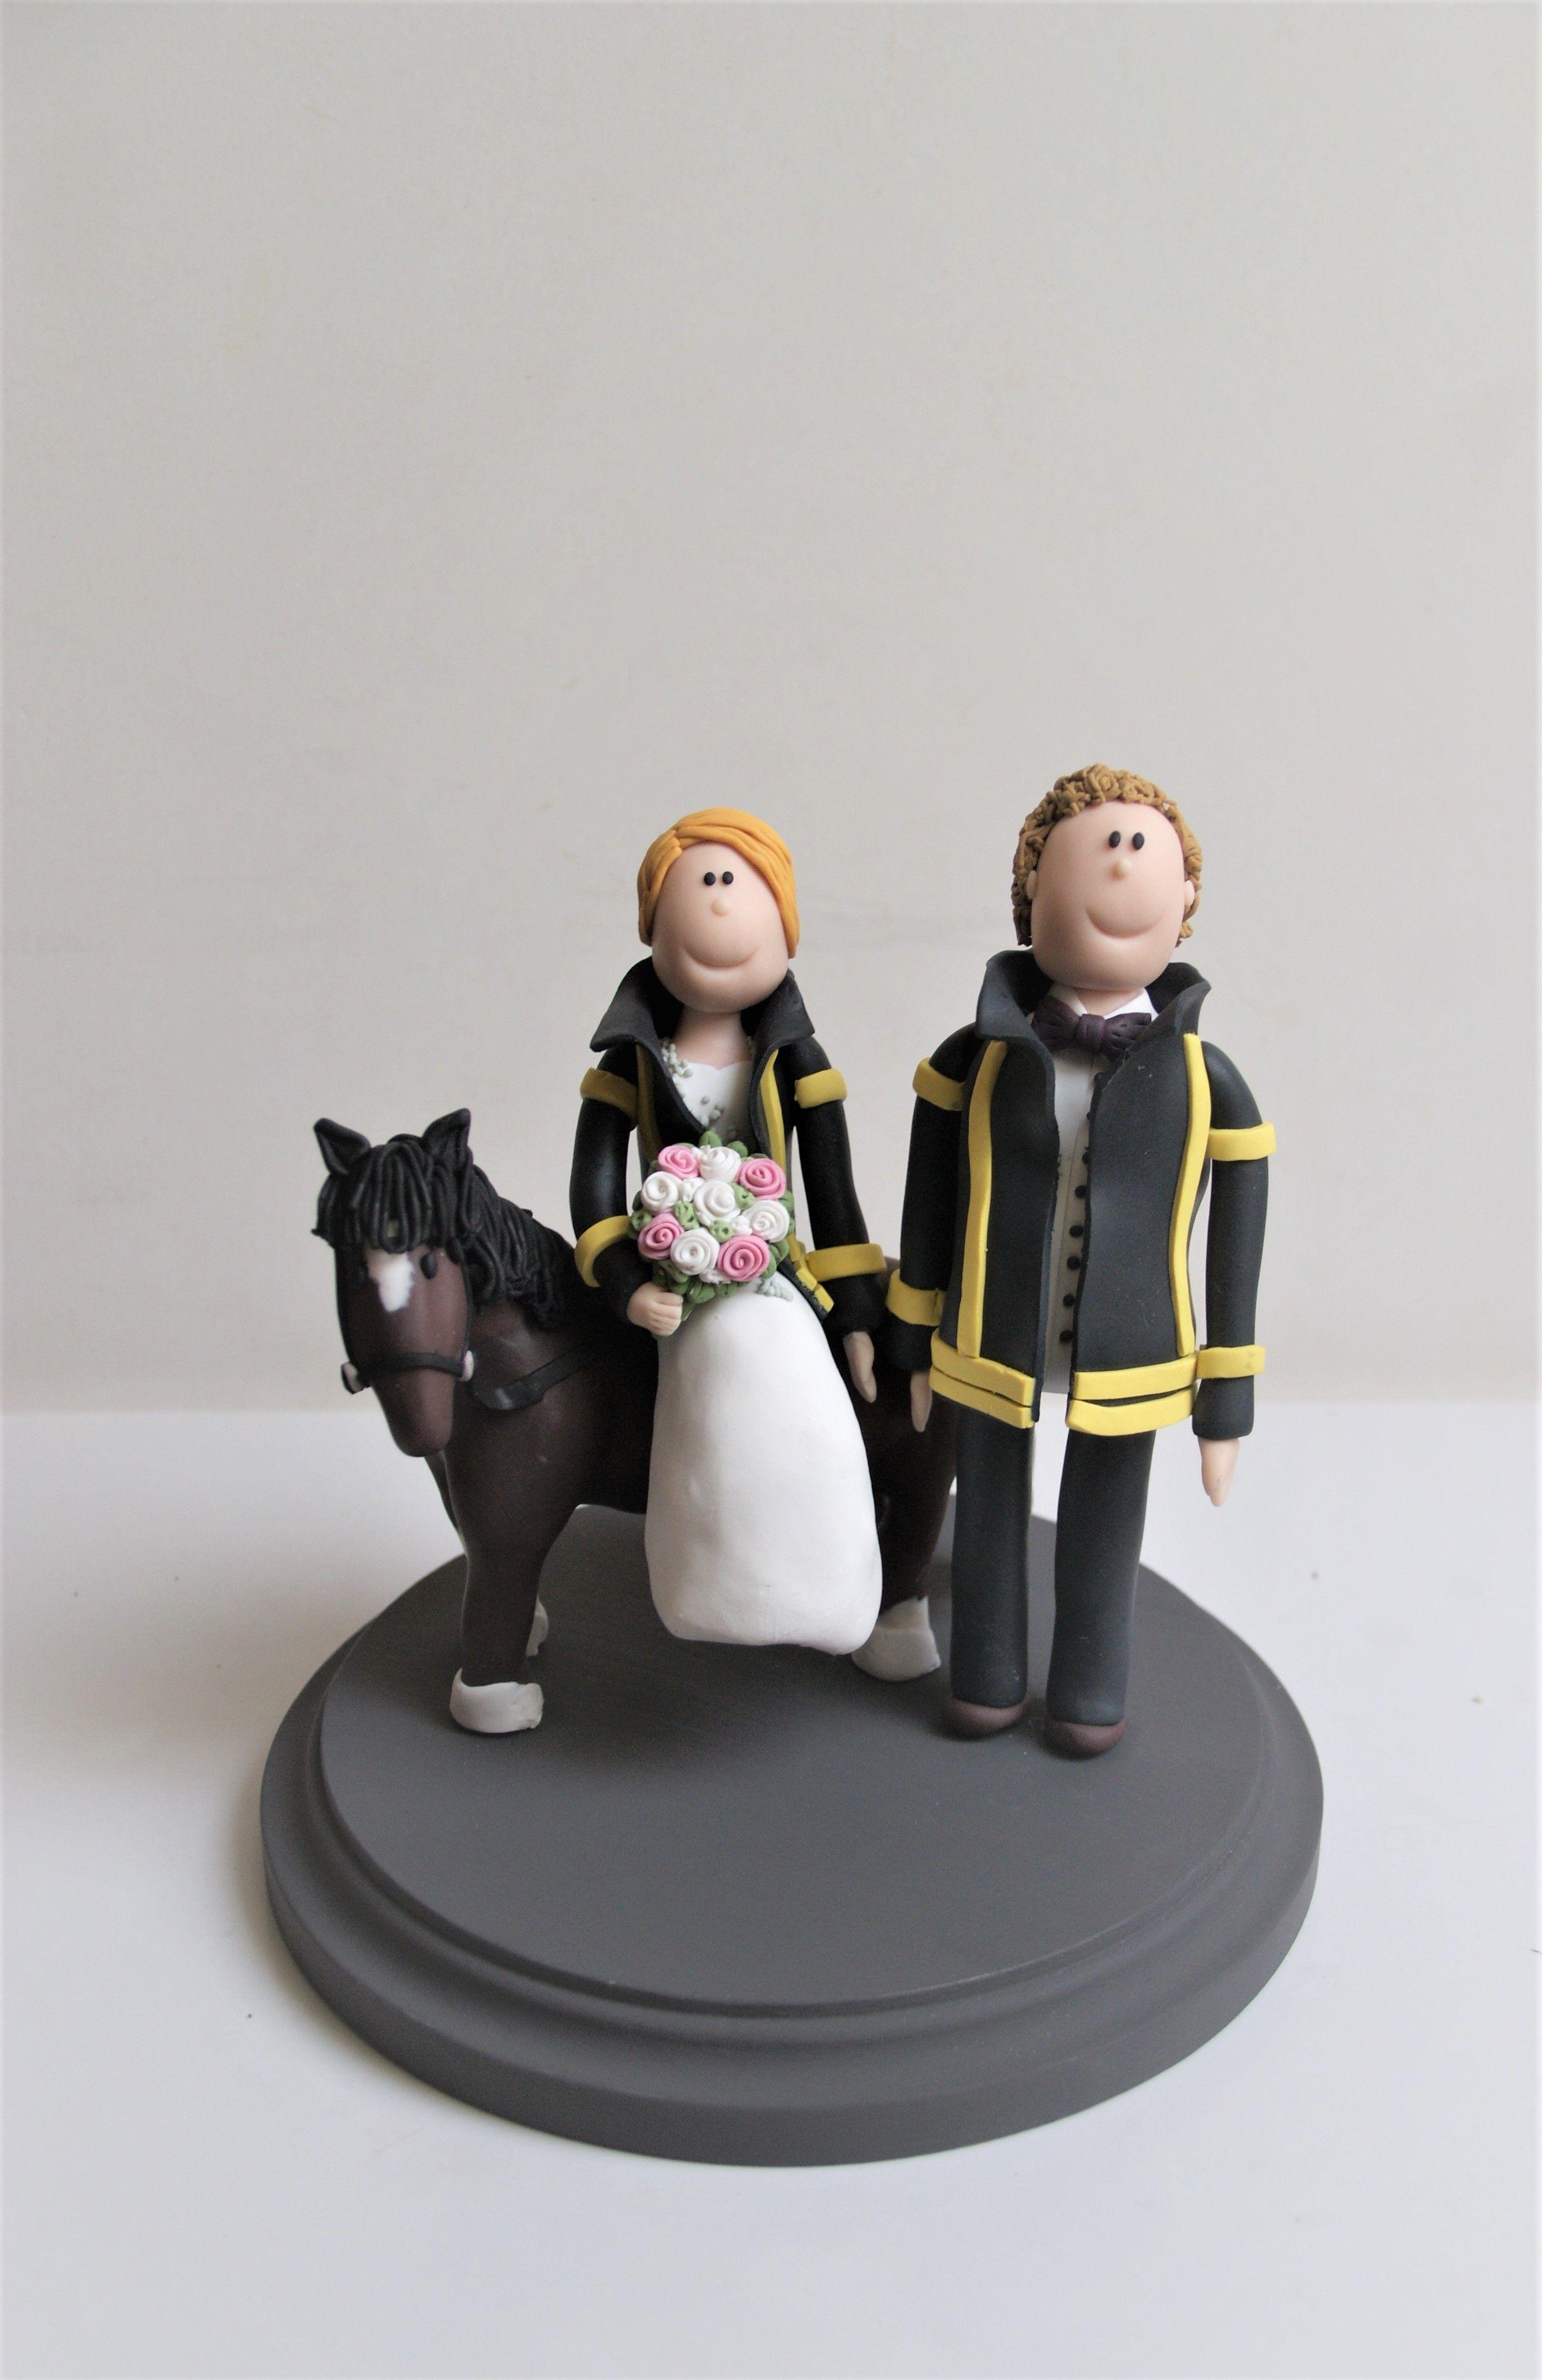 Personalisierte Tortenfigur Fur Die Hochzeitstorte Hochzeitstorte Brautpaar Tortenfiguren Hochzeit Hochzeitstortenfiguren